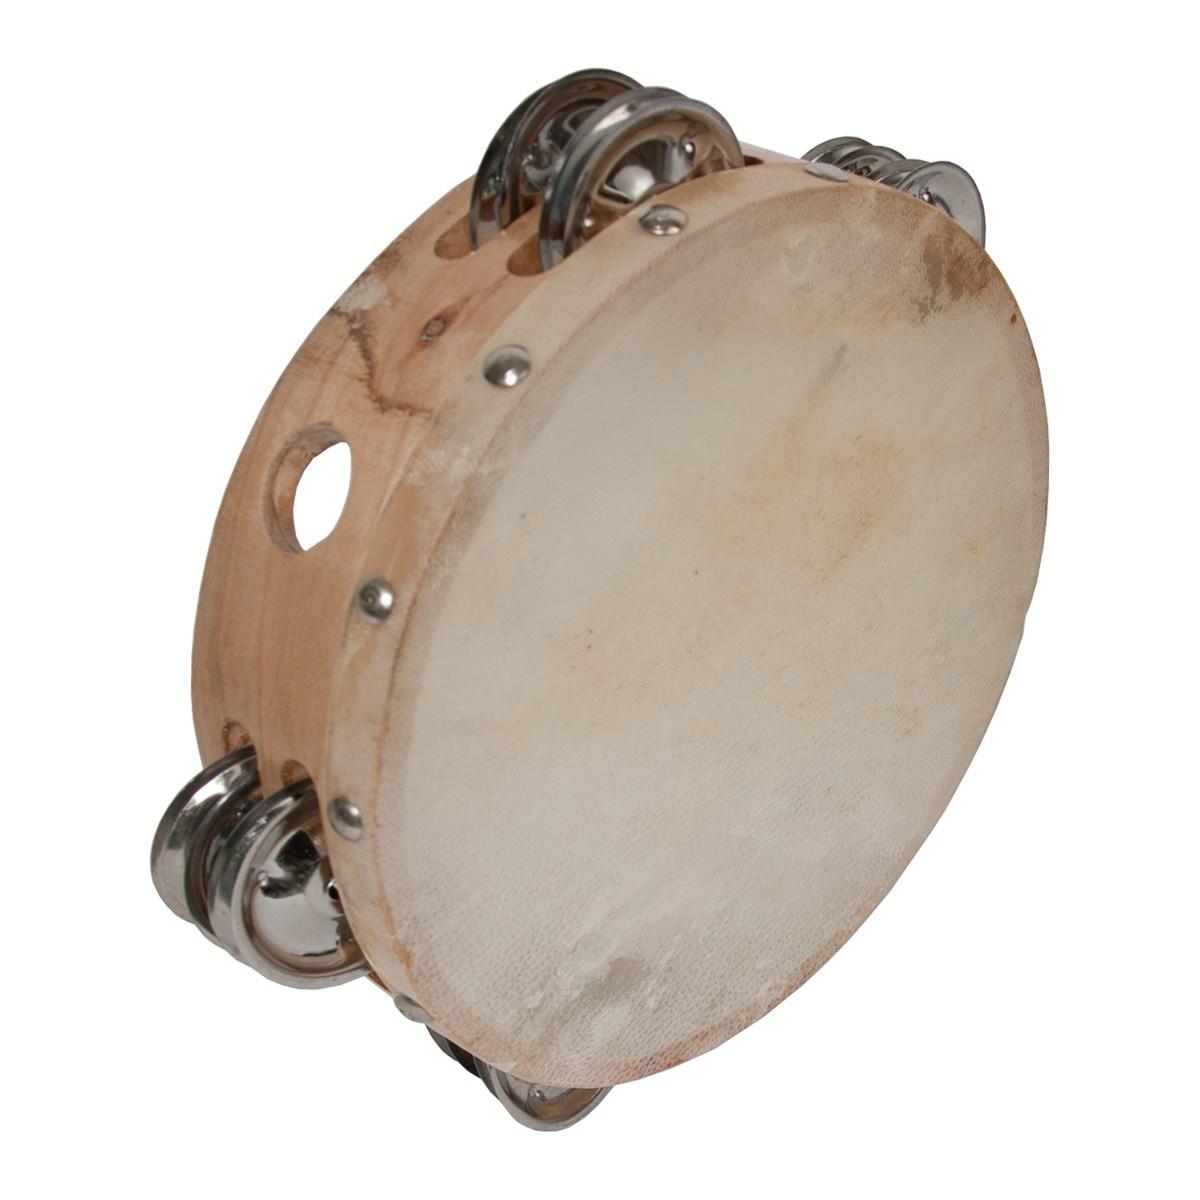 DOBANI Featherweight Tambourine 7'